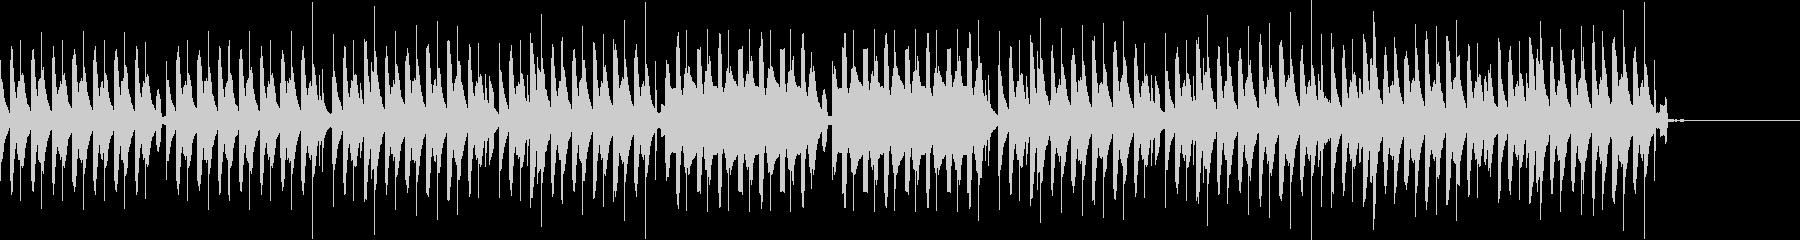 コミカルなシーン/劇伴の未再生の波形